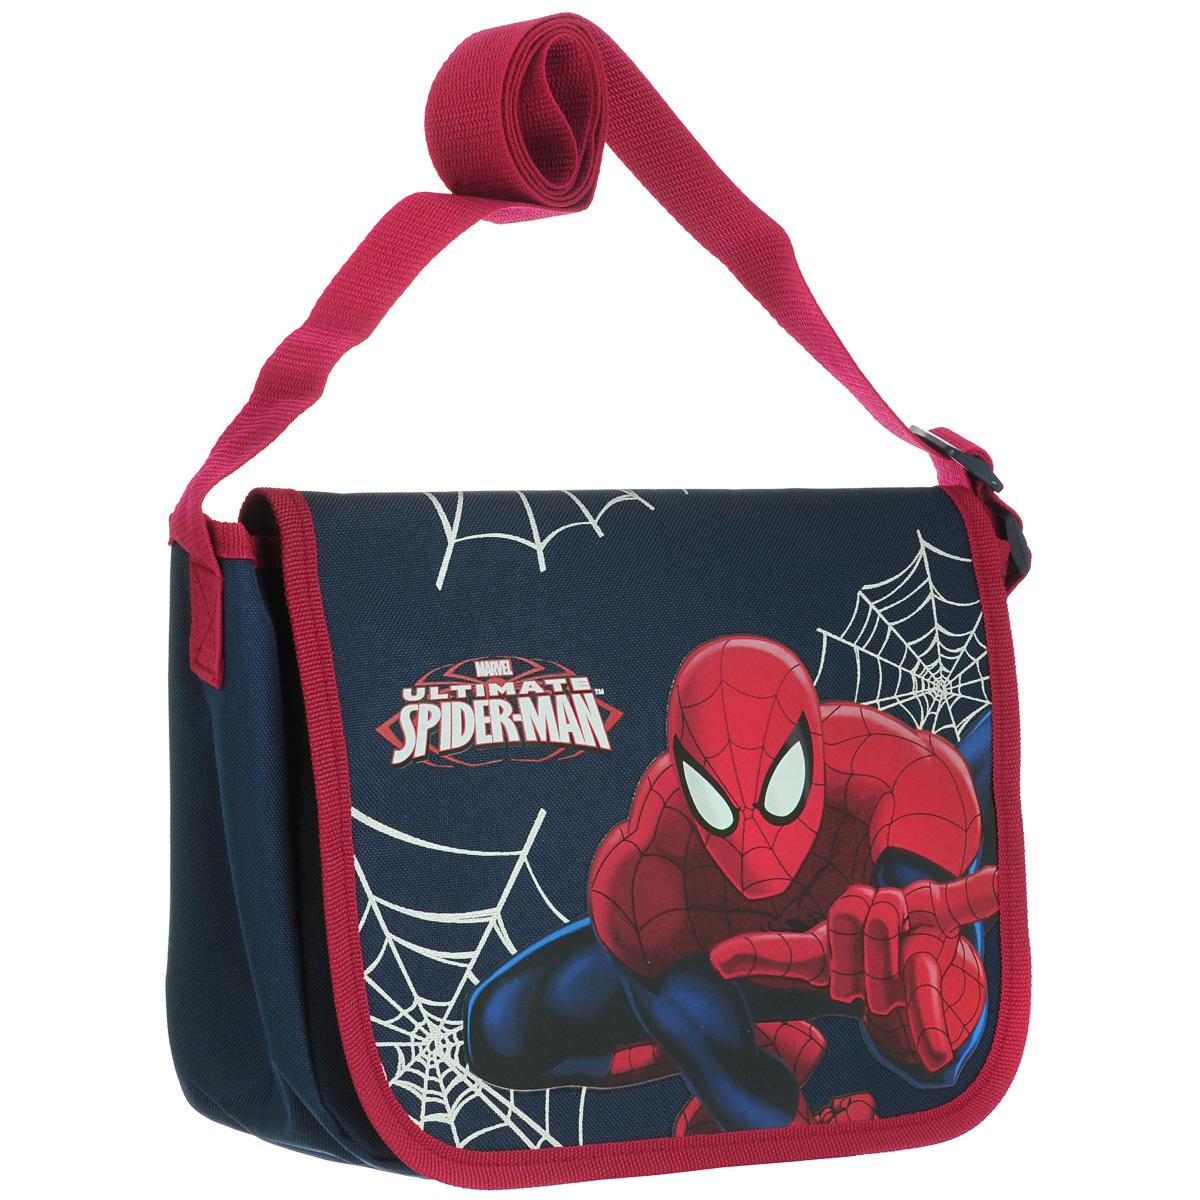 Сумка детская на плечо Spider-Man, цвет: синий, красный. SMAP-UT-4072 tia в европе и одно плечо диагональ малый мешок 2015 новый винтаж летучая мышь сумка сумочка красные крылья волны